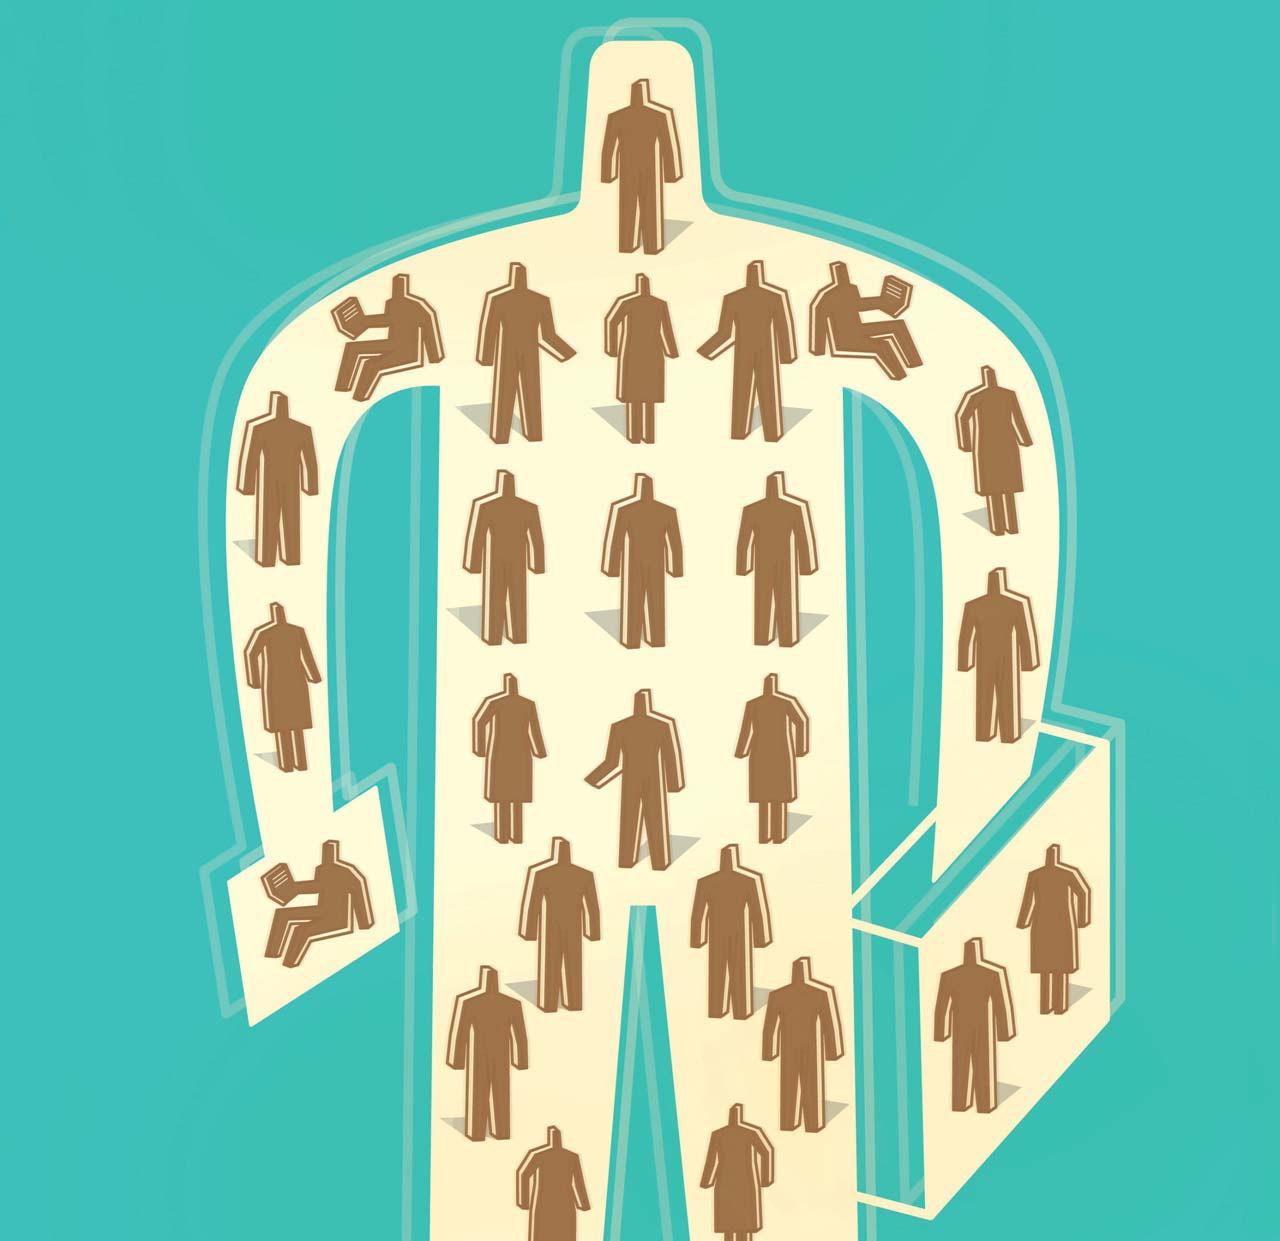 dewey b strategic alm law firm support staffing report alm law firm support staffing report optimizing staff ratios increased demand for analytical skills